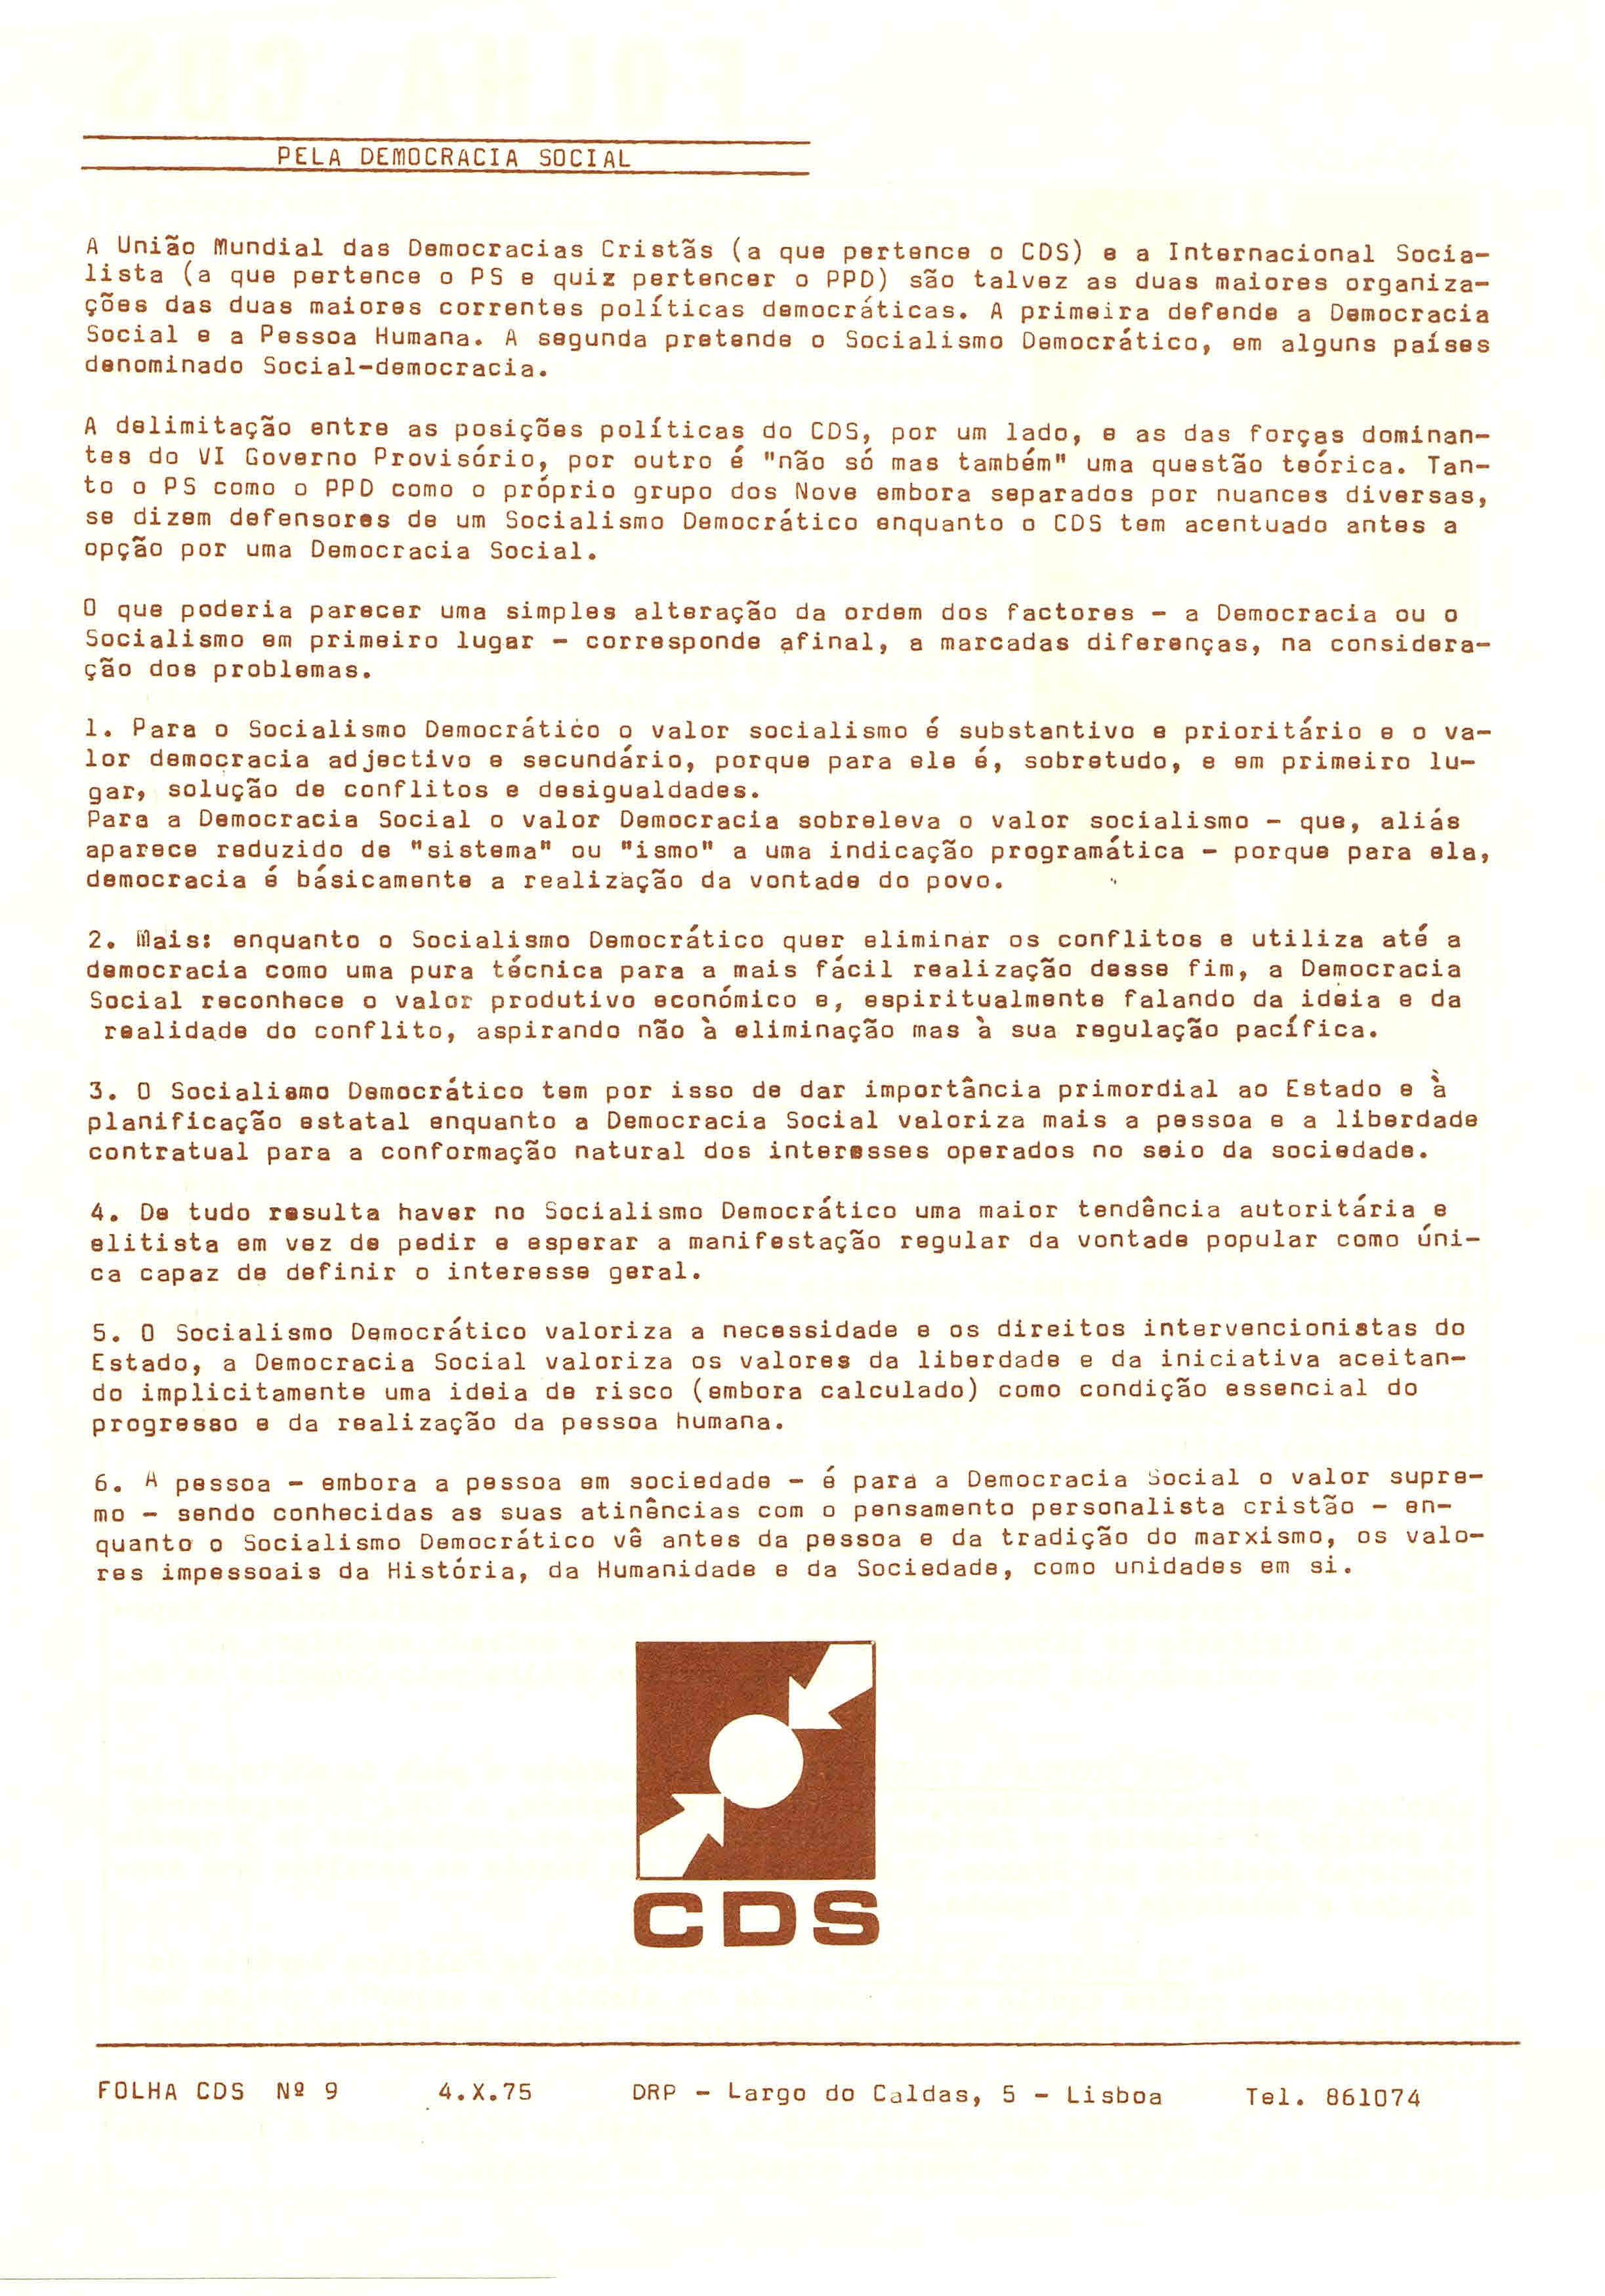 Folha cds 1975 ephemera biblioteca e arquivo de jos pacheco carregue aqui para imprimir opens in new window fandeluxe Images